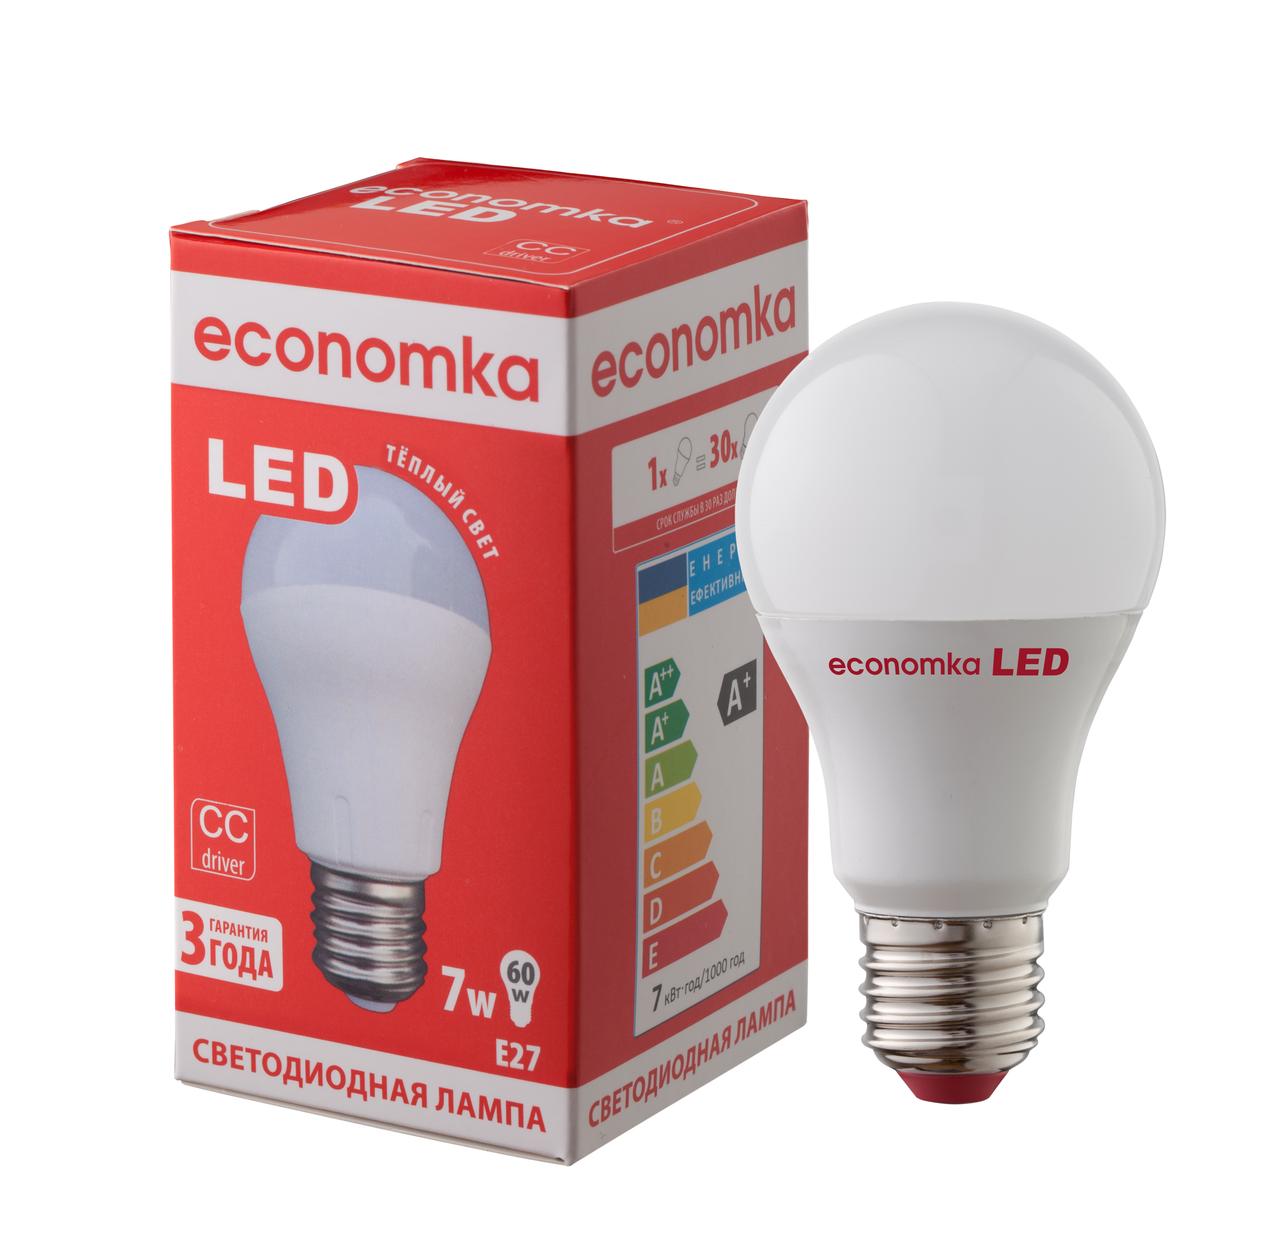 Светодиодная лампа Economka LED 7W Е27-2800K